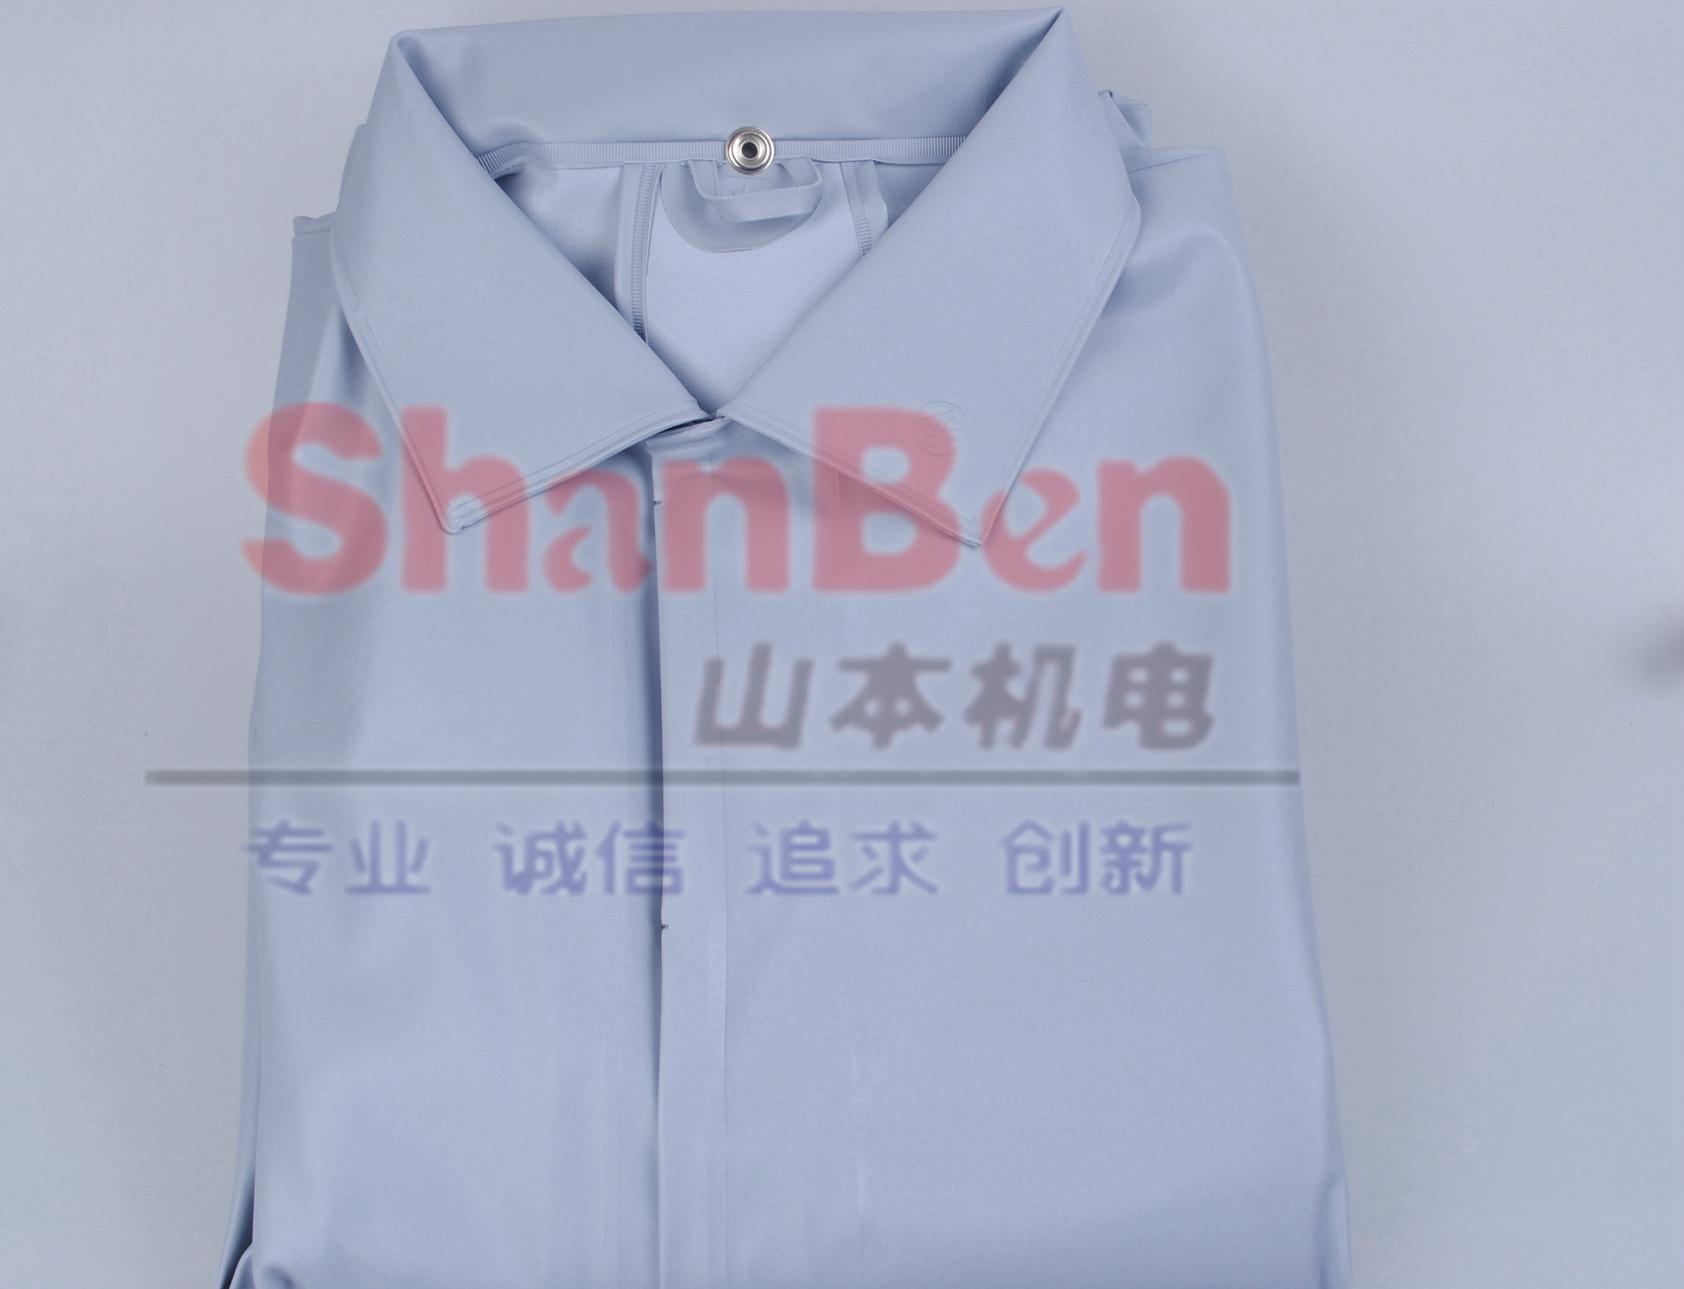 南京山本供應出售重松製作所化學防護服防酸服PS-420K 4